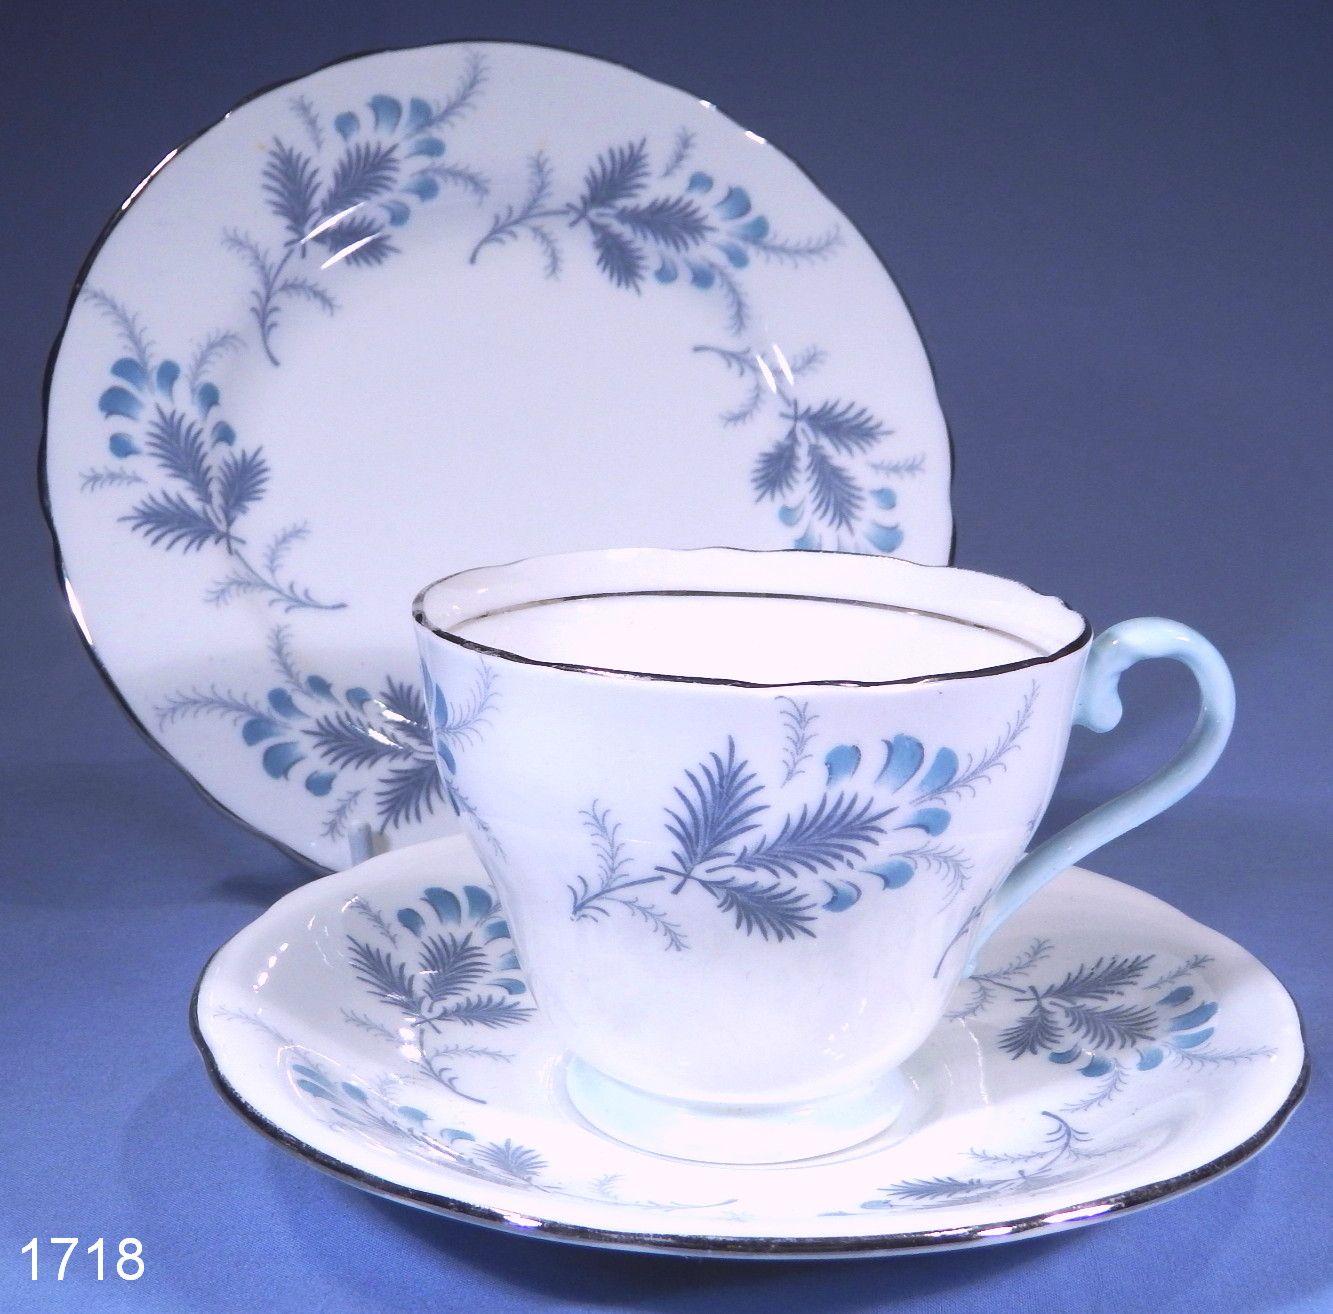 Aynsley Las Palmas Vintage Bone China Tea Trio Cup Handle Is